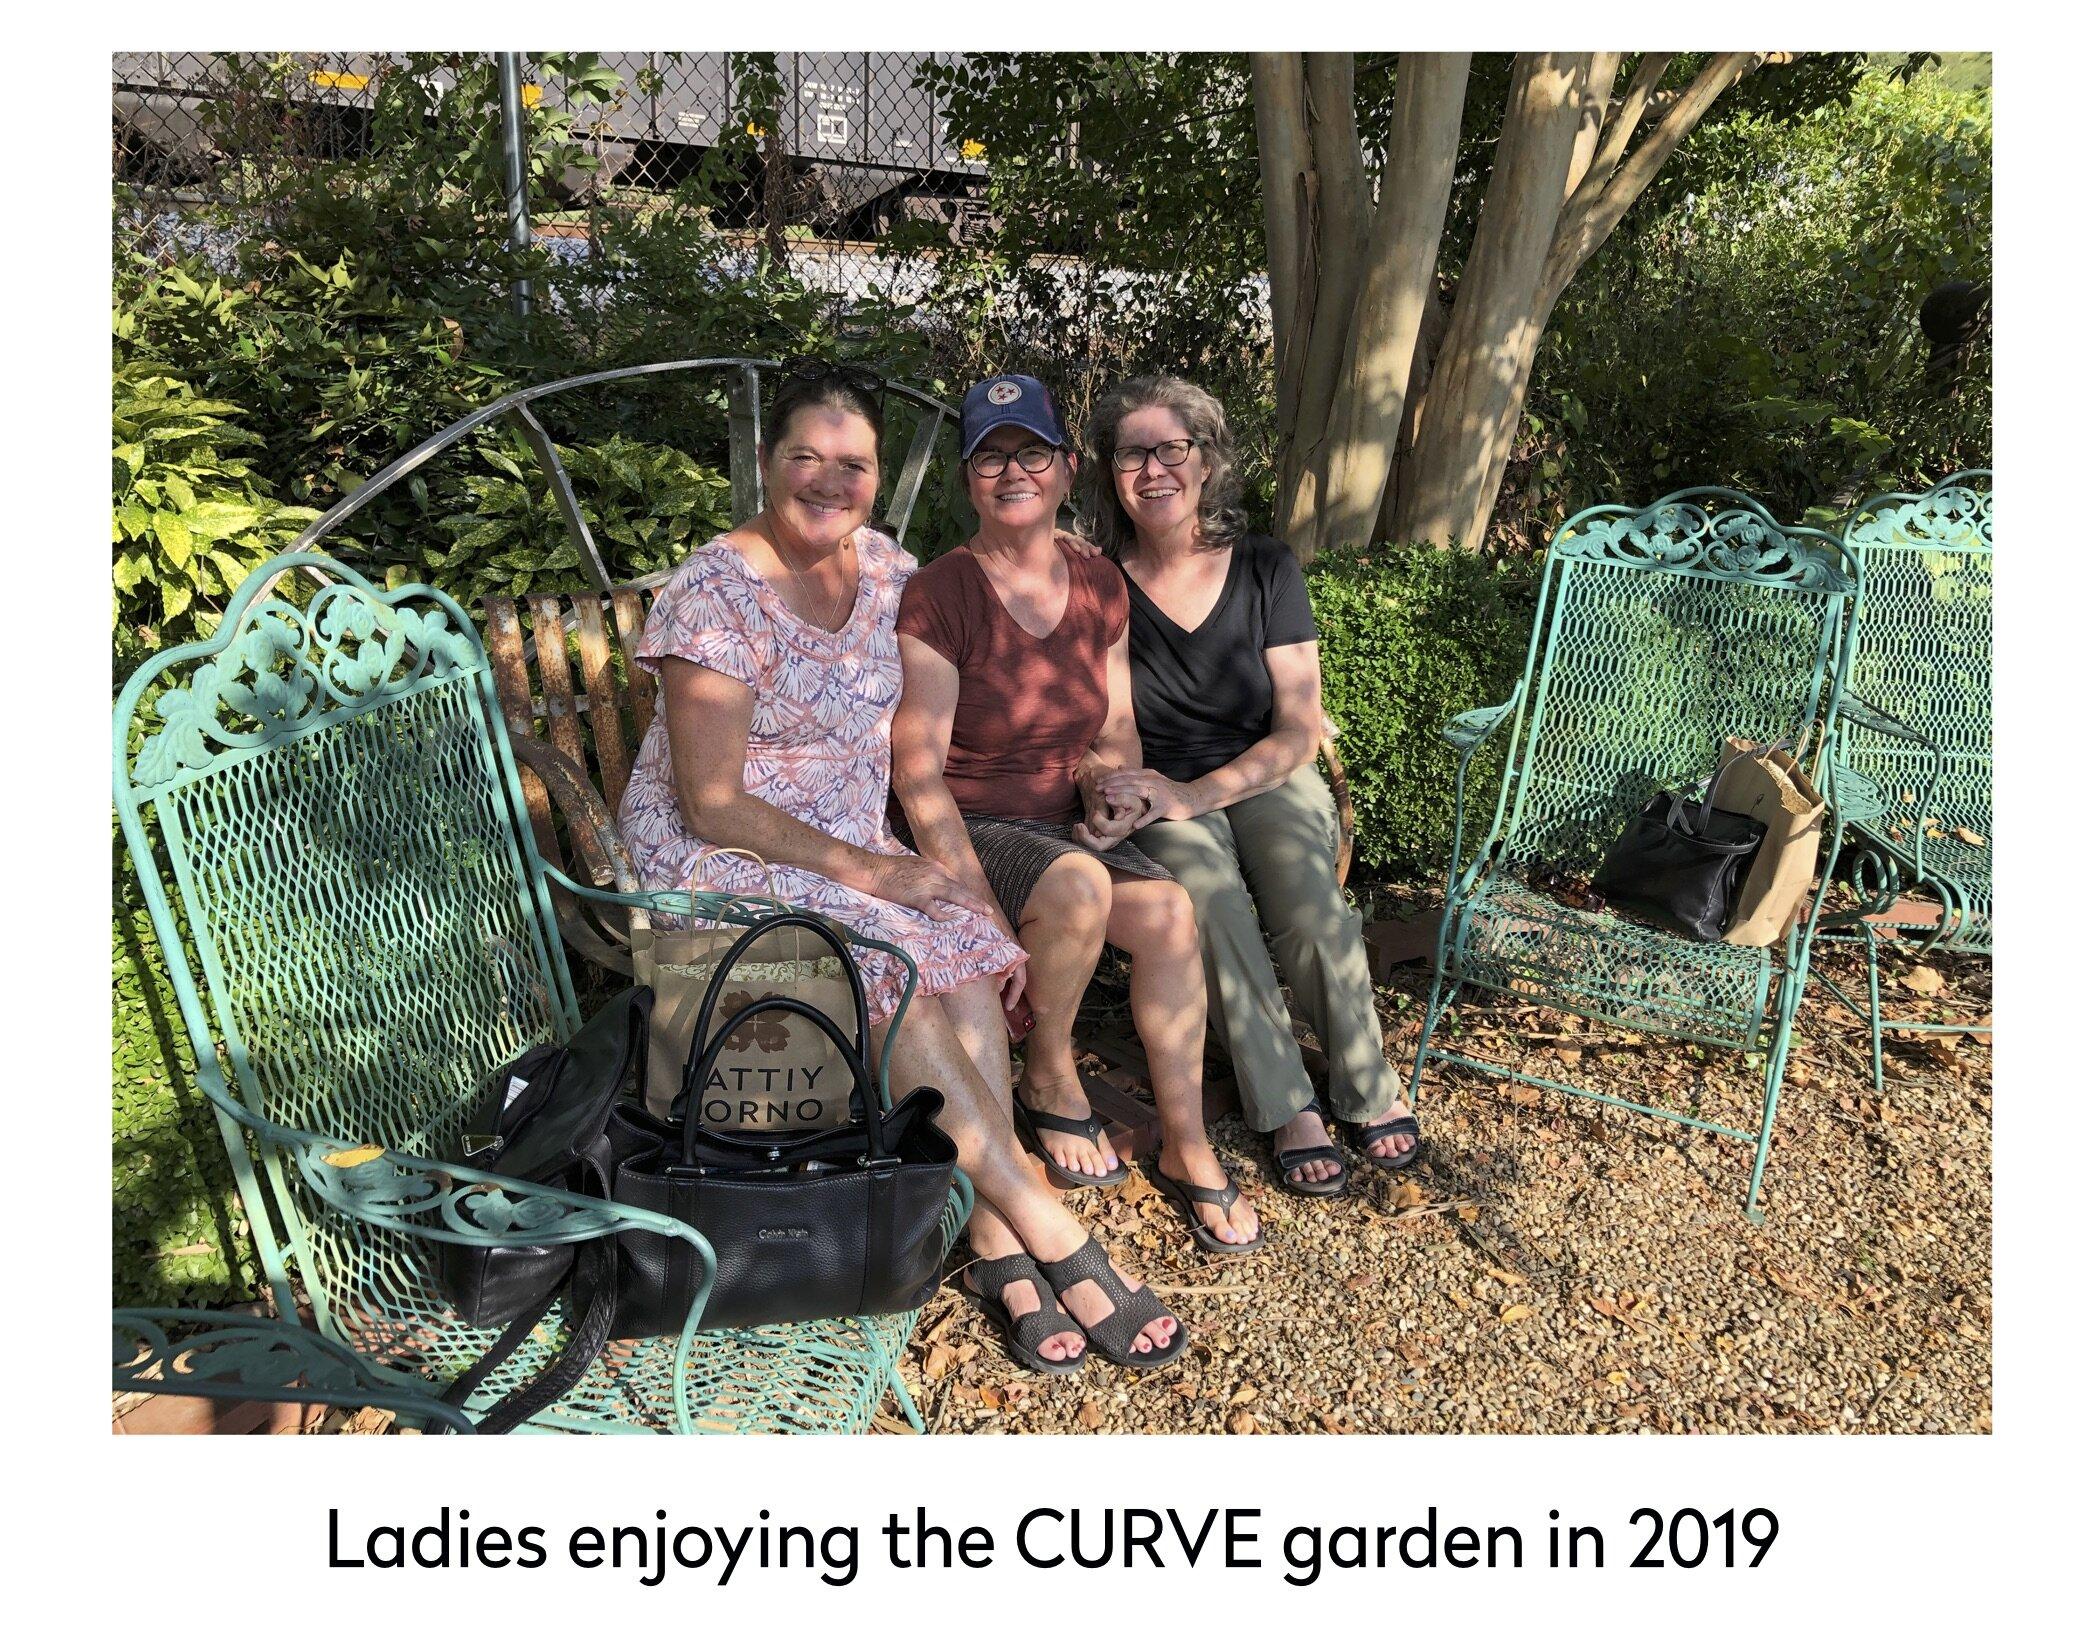 ladies in garden 2019.jpg